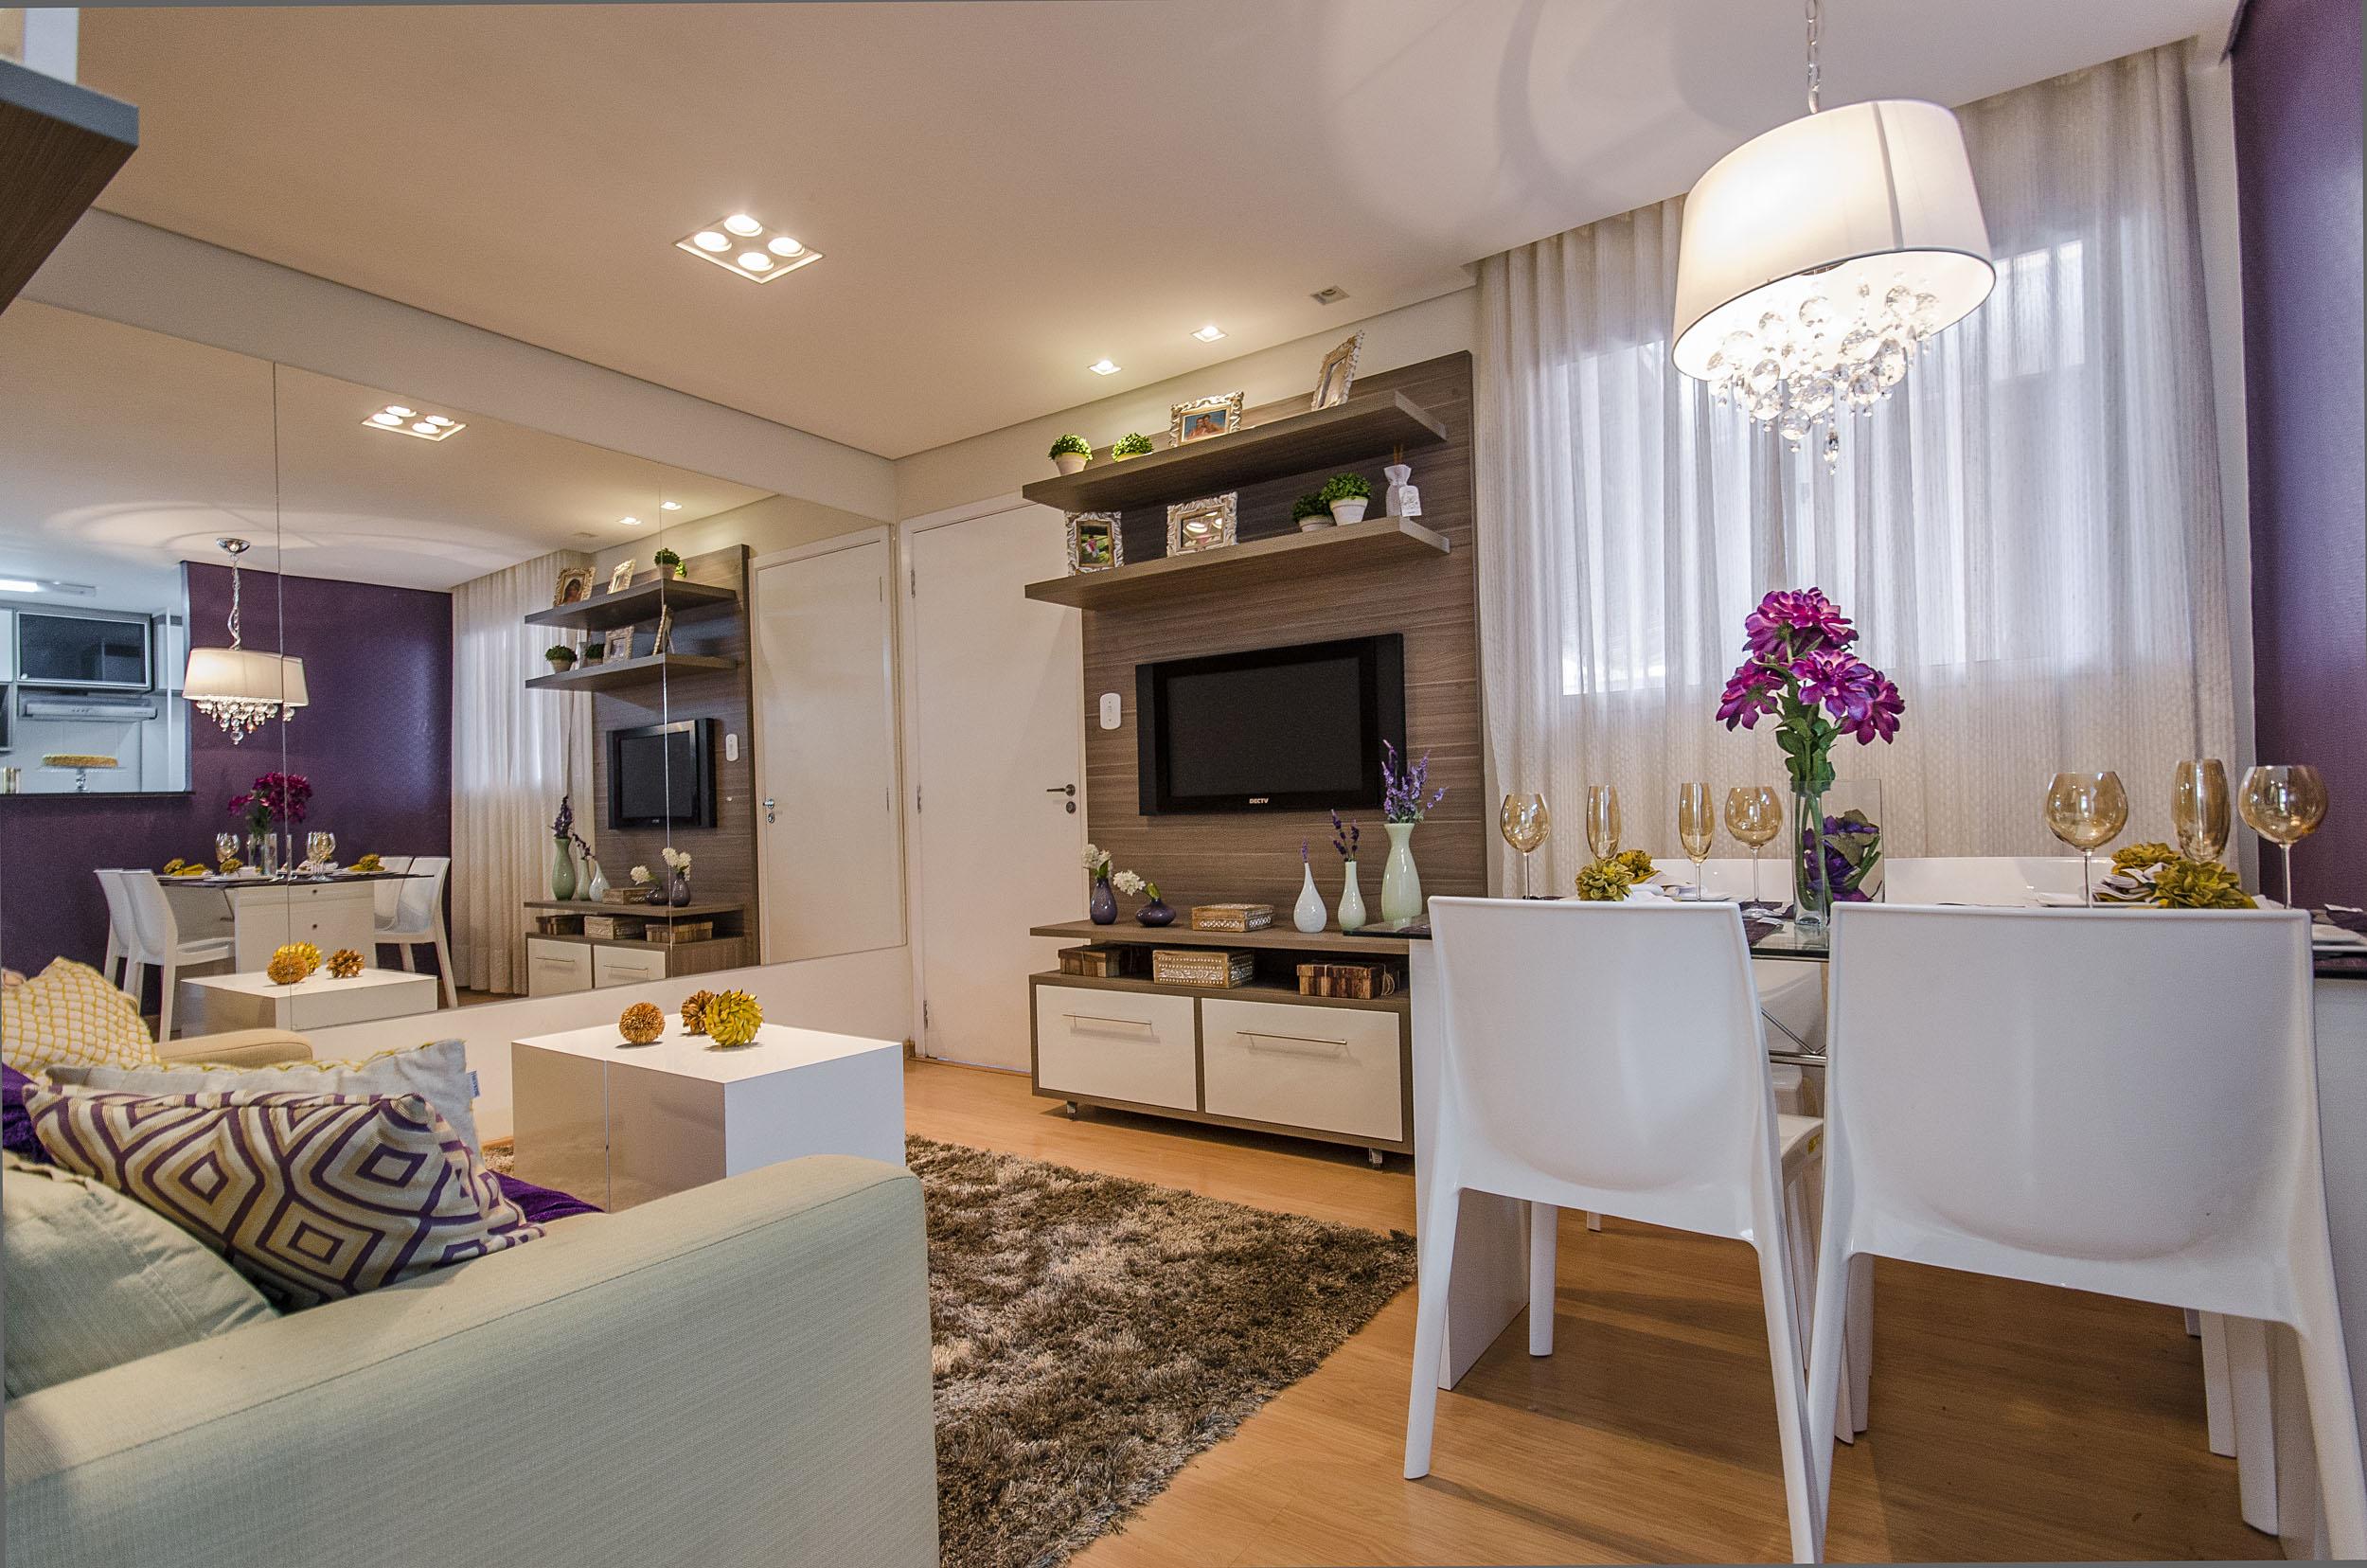 Sala Com Aparador E Espelho Sala De Jantar Luminria Aplicao De  -> Modelo De Sala Pequenas Com Espelho E Aparador